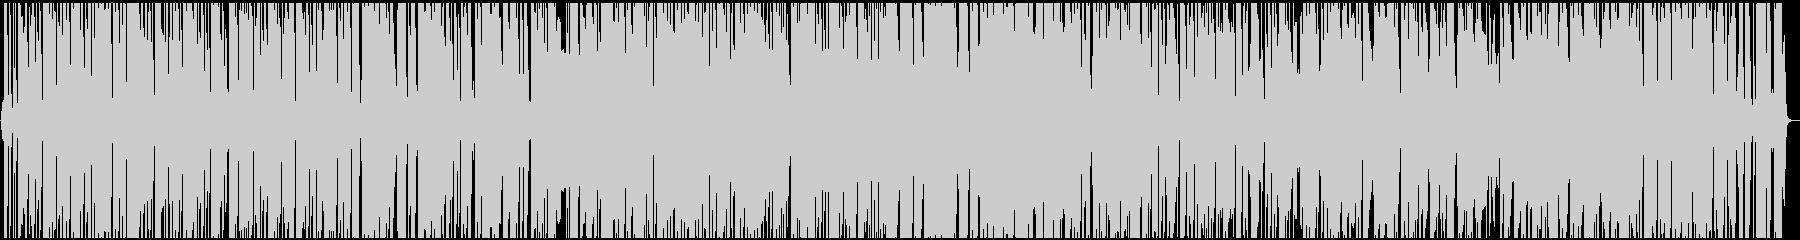 フュージョン ジャズ ファンク ア...の未再生の波形